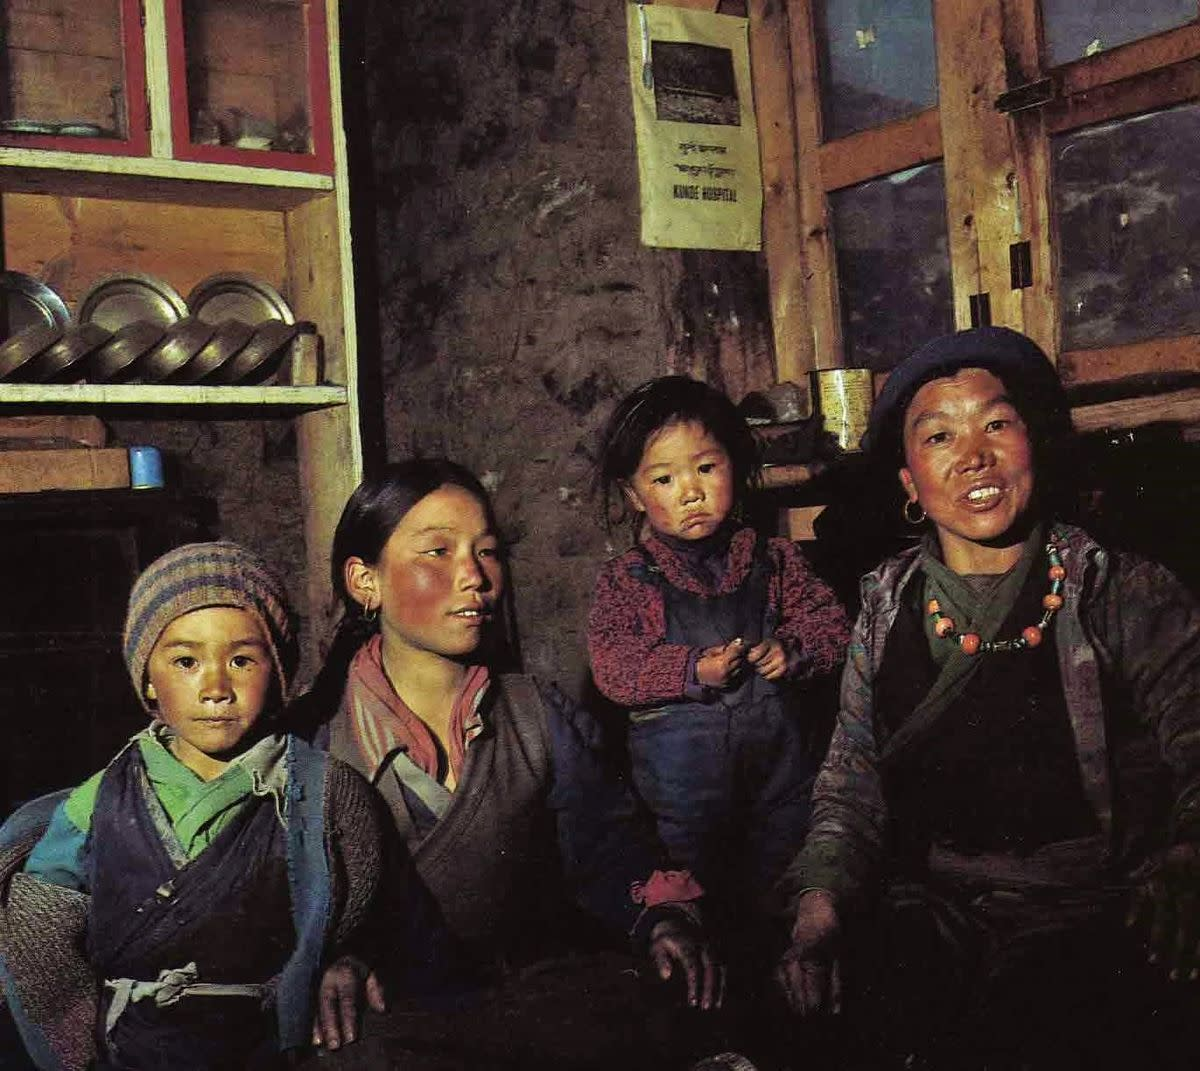 sapien-stories-sherpas-of-the-himalayas